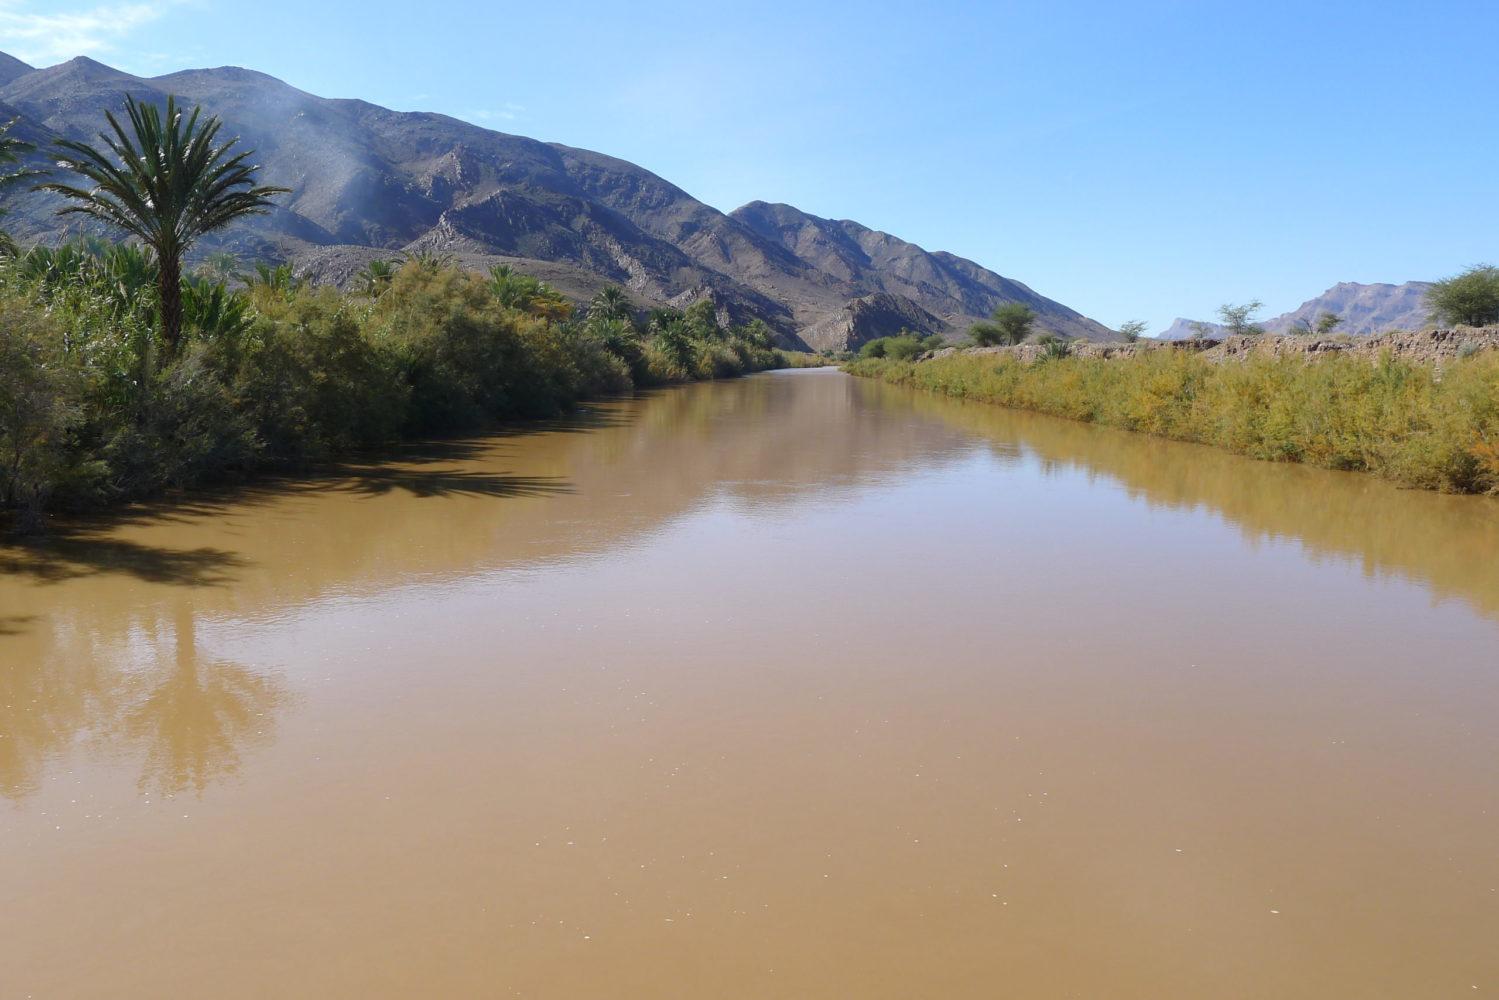 Rzeka Dra, Południowe Maroko